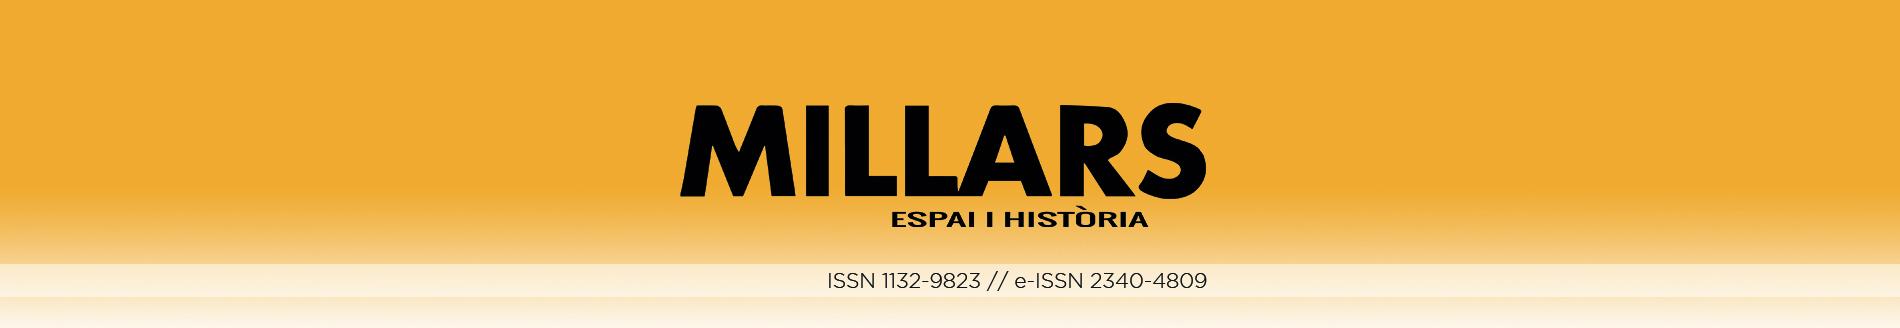 Millars